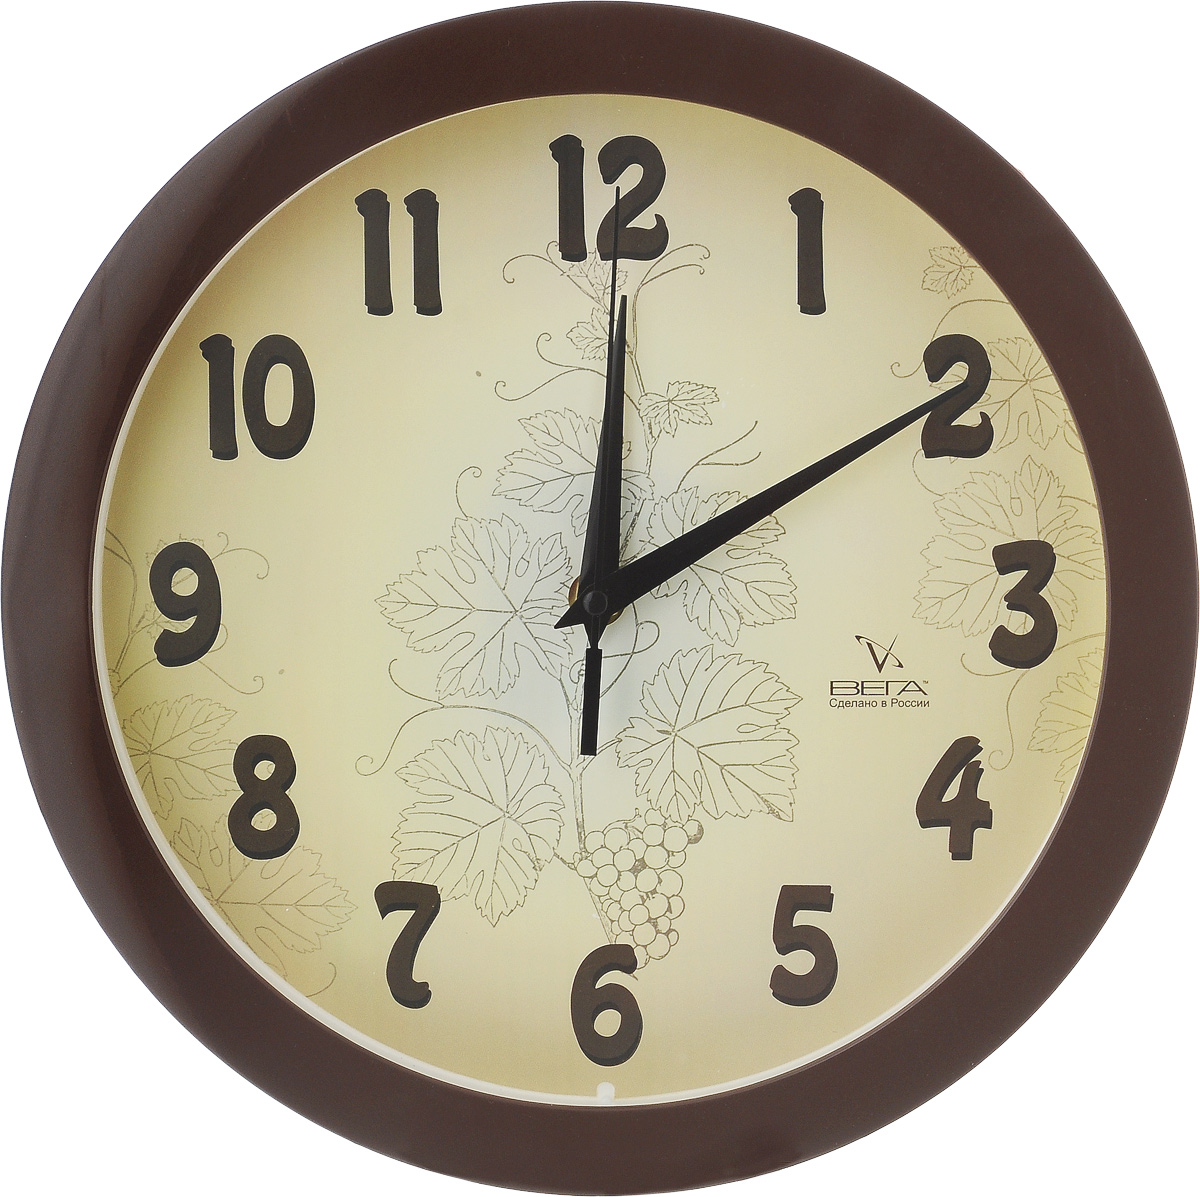 Часы настенные Вега Классика бежевая, диаметр 28,5 смП1-9/7-50Настенные кварцевые часы Вега Классика бежевая, изготовленные из пластика, прекрасно впишутся в интерьер вашего дома. Часы имеют три стрелки: часовую, минутную и секундную, циферблат защищен прозрачным стеклом. Часы работают от 1 батарейки типа АА напряжением 1,5 В (не входит в комплект).Диаметр часов: 28,5 см.